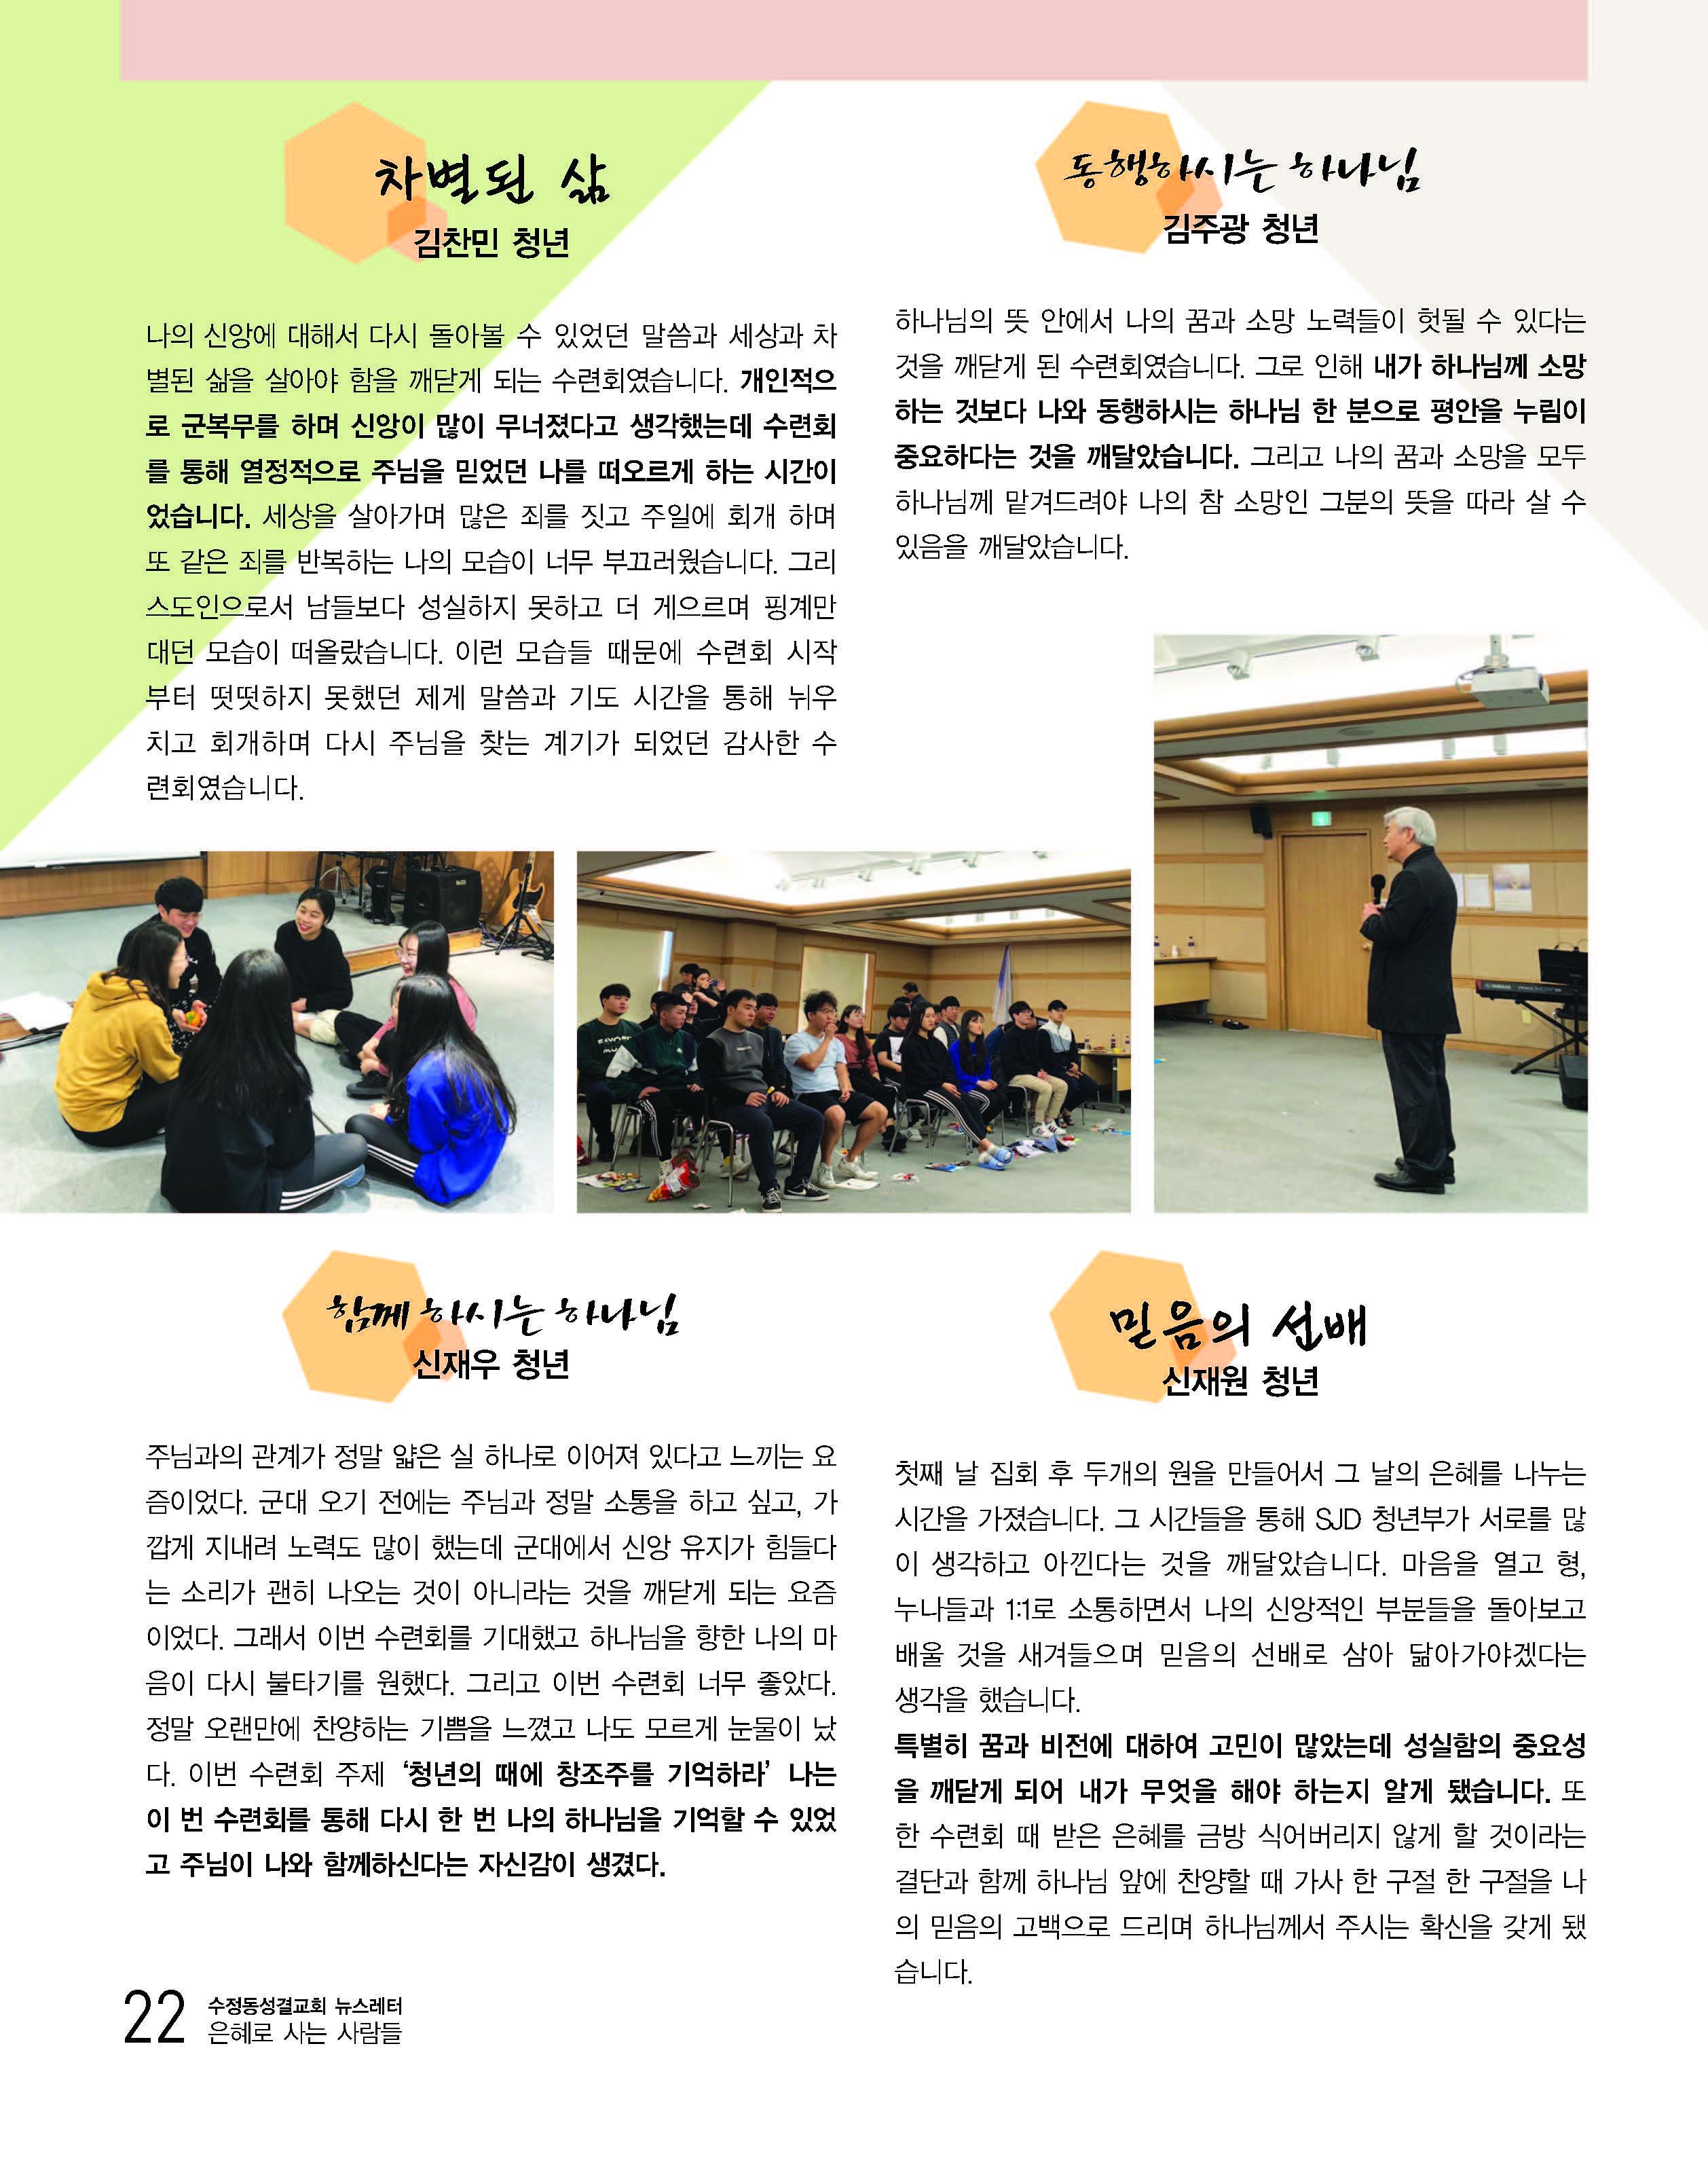 은혜로25홈피용_Page_22.jpg